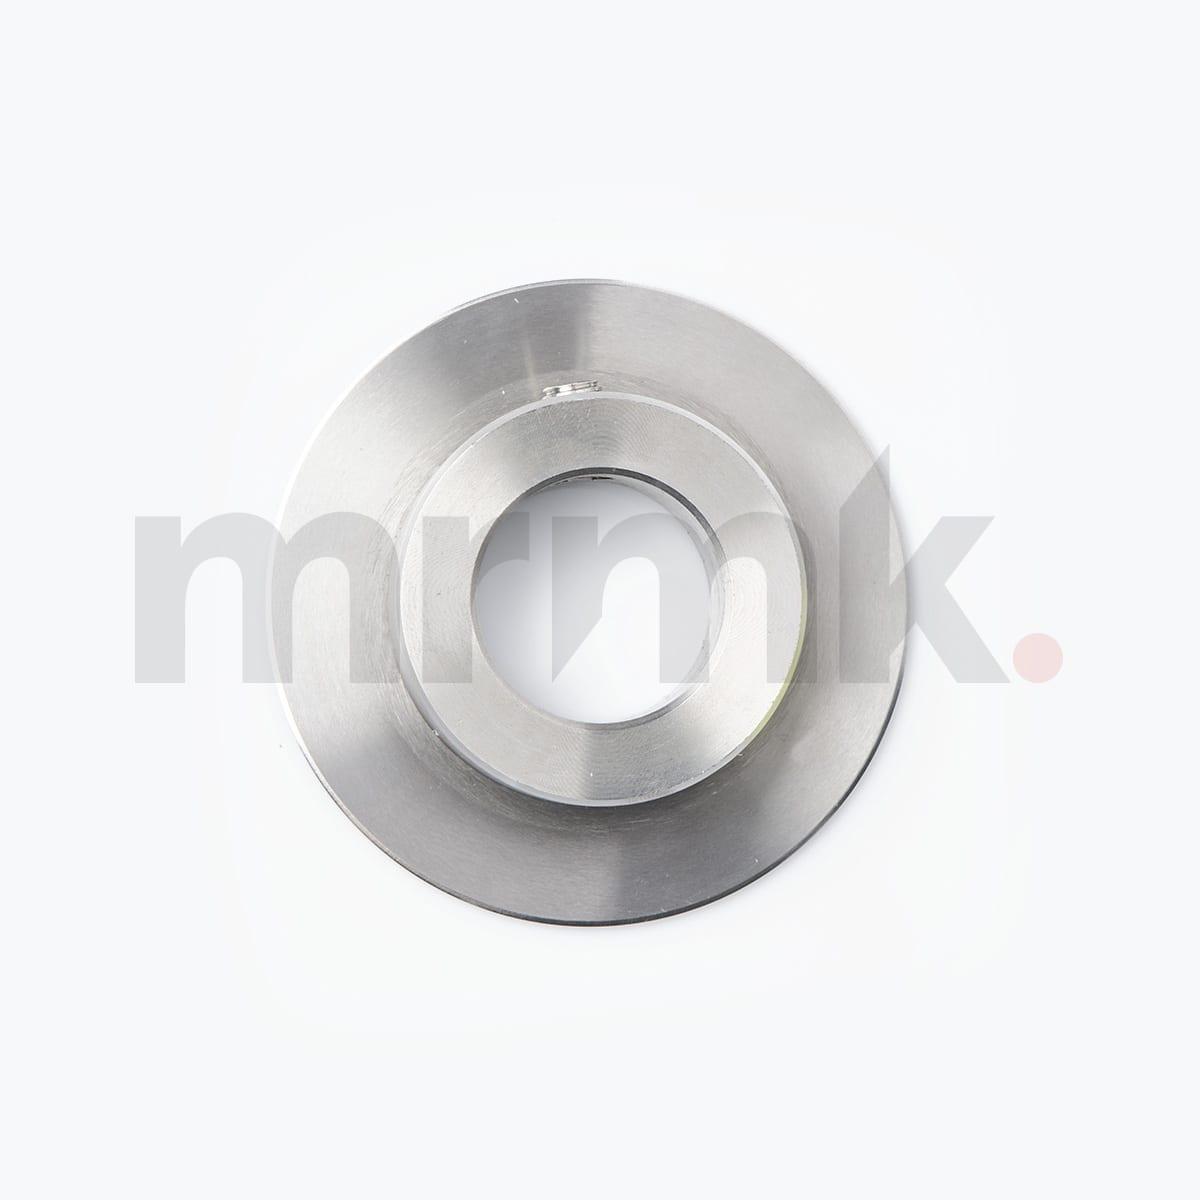 Tiromat / CFS / GEA Compatible Blades 10